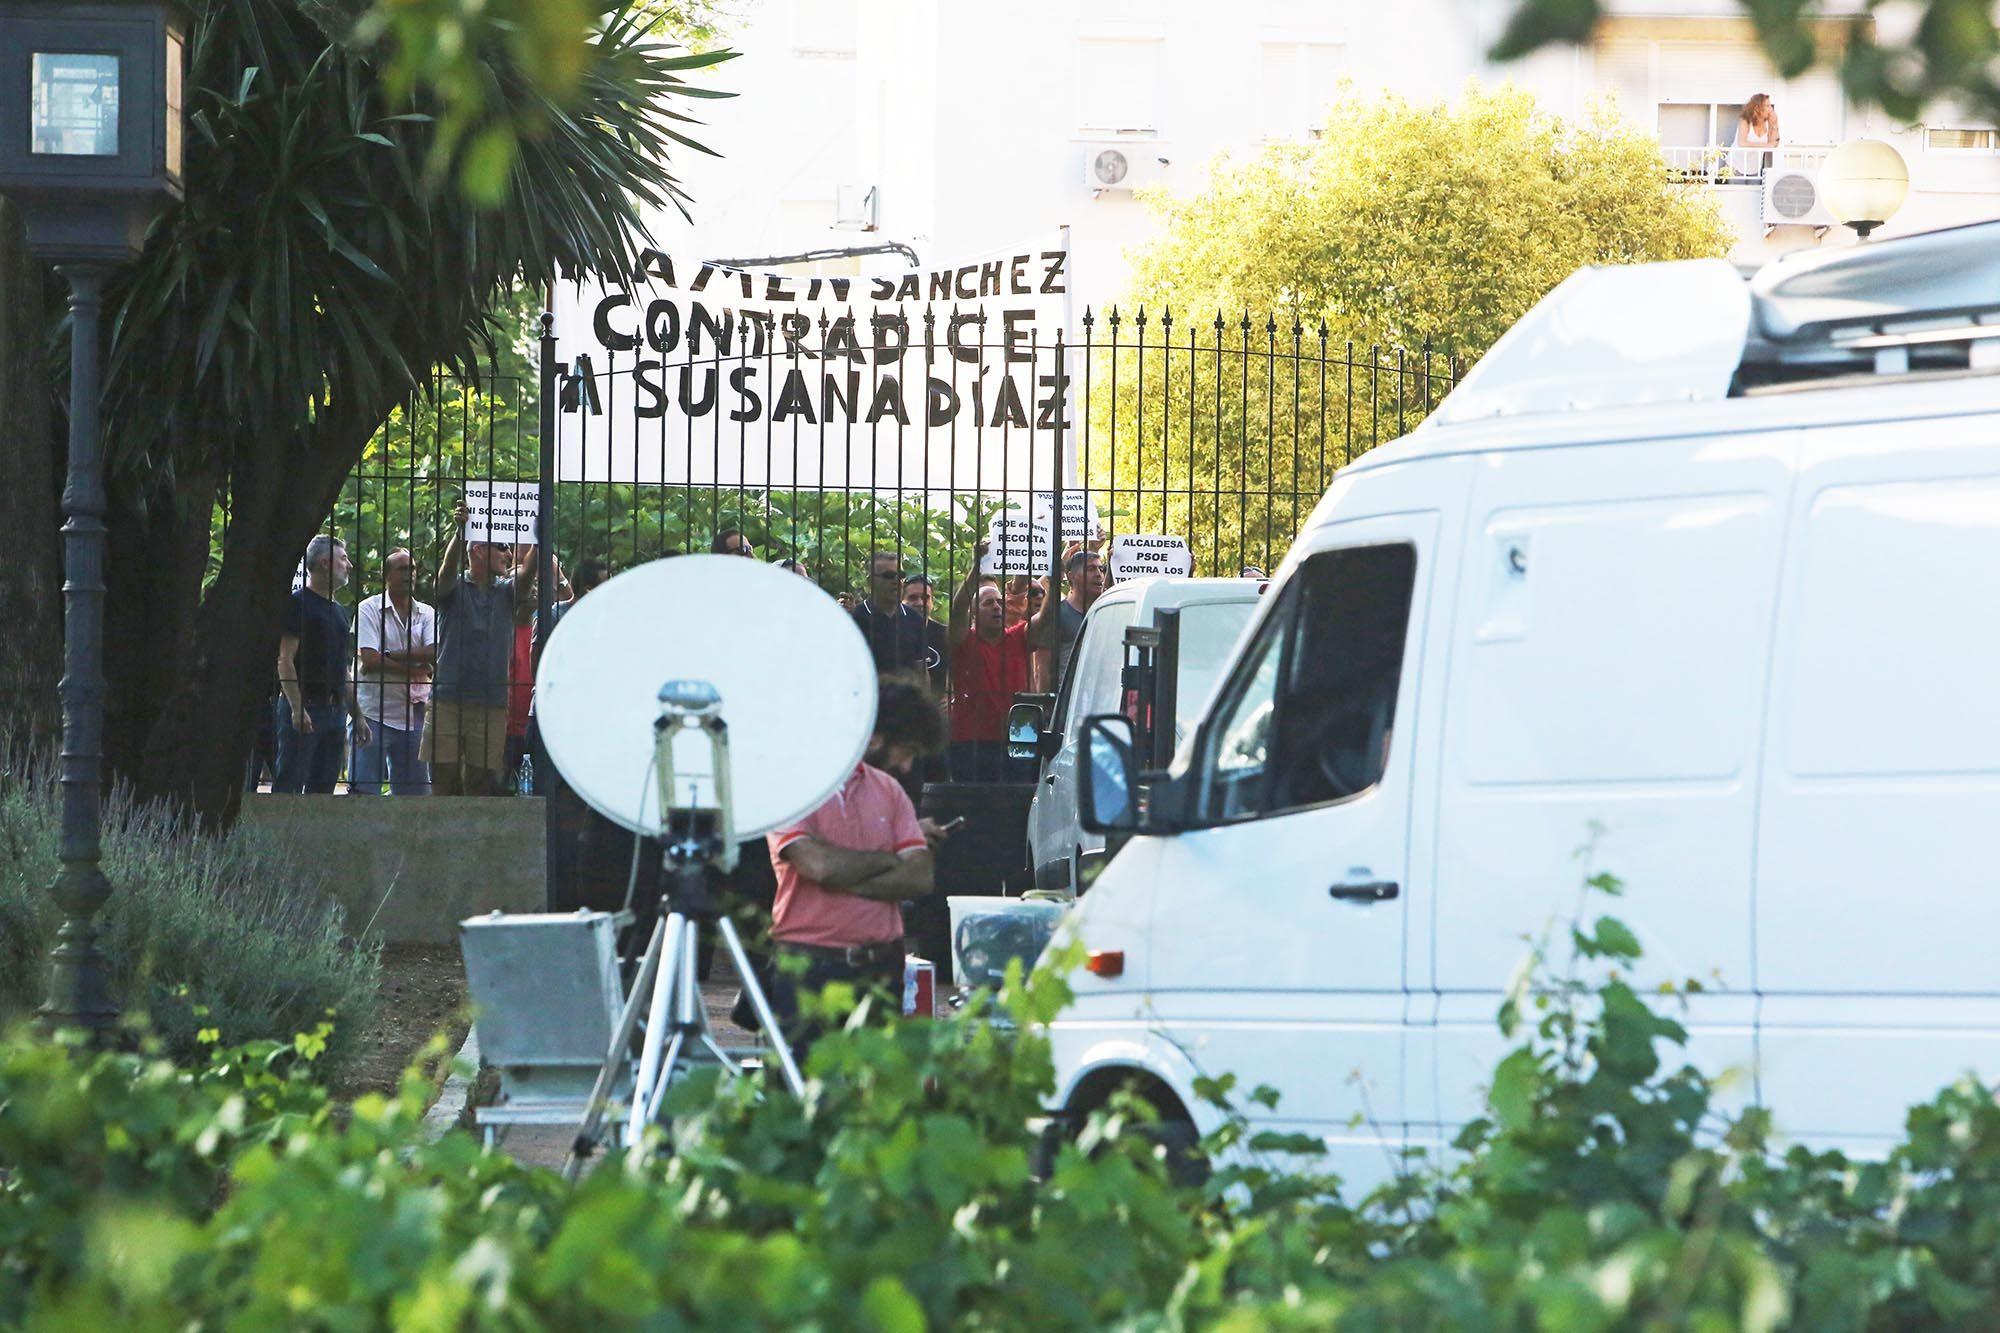 Los pitos de los trabajadores muncipales de Jerez acompañaron durante todas las intervenciones acopándose como sonido de ambiente, 6JUN2016   Juan Carlos Corchado para MIRA Jerez